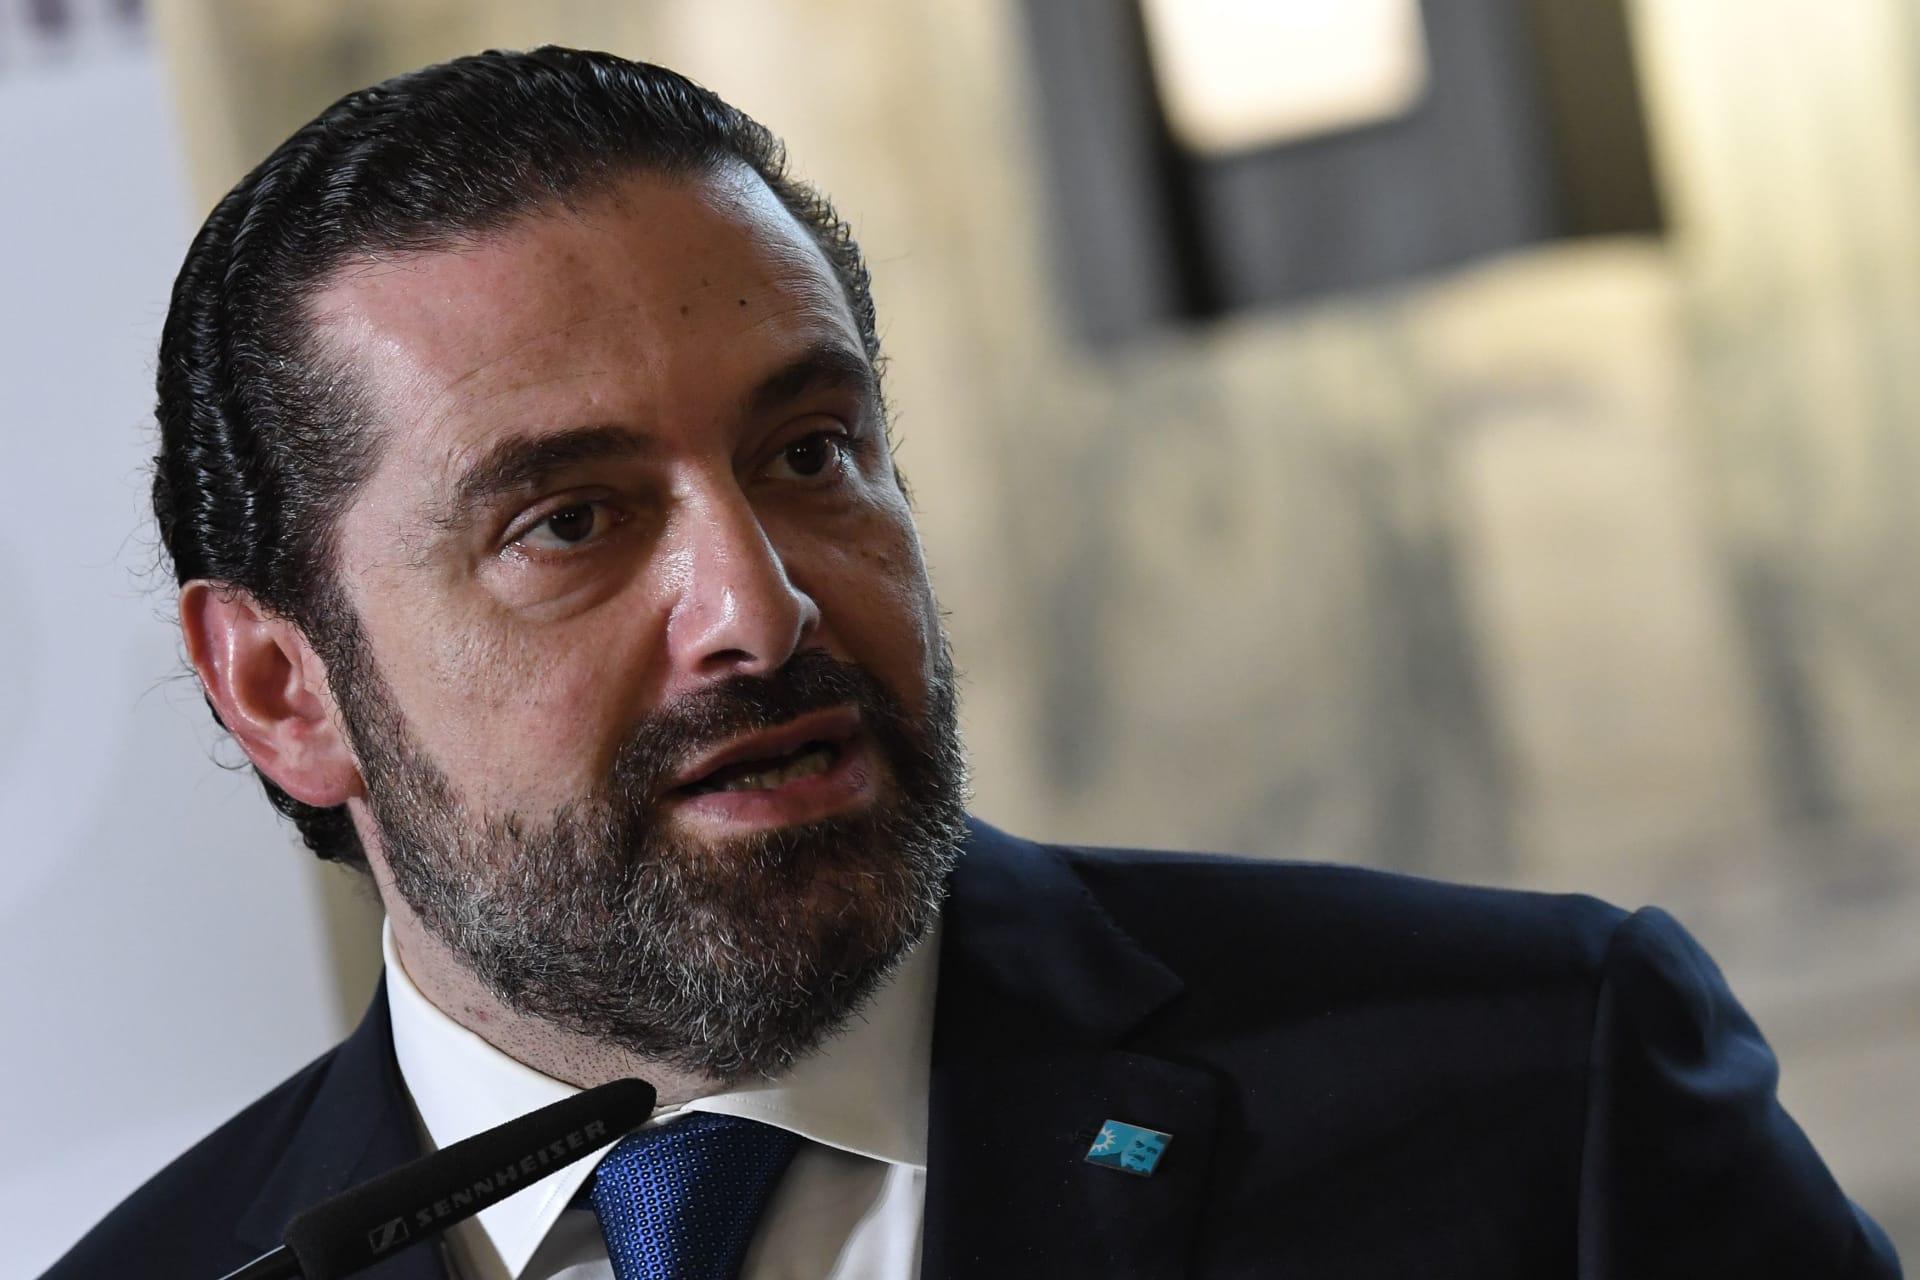 الخارجية السعودية: ما ذكره الرئيس الفرنسي عن احتجازنا للحريري غير صحيح